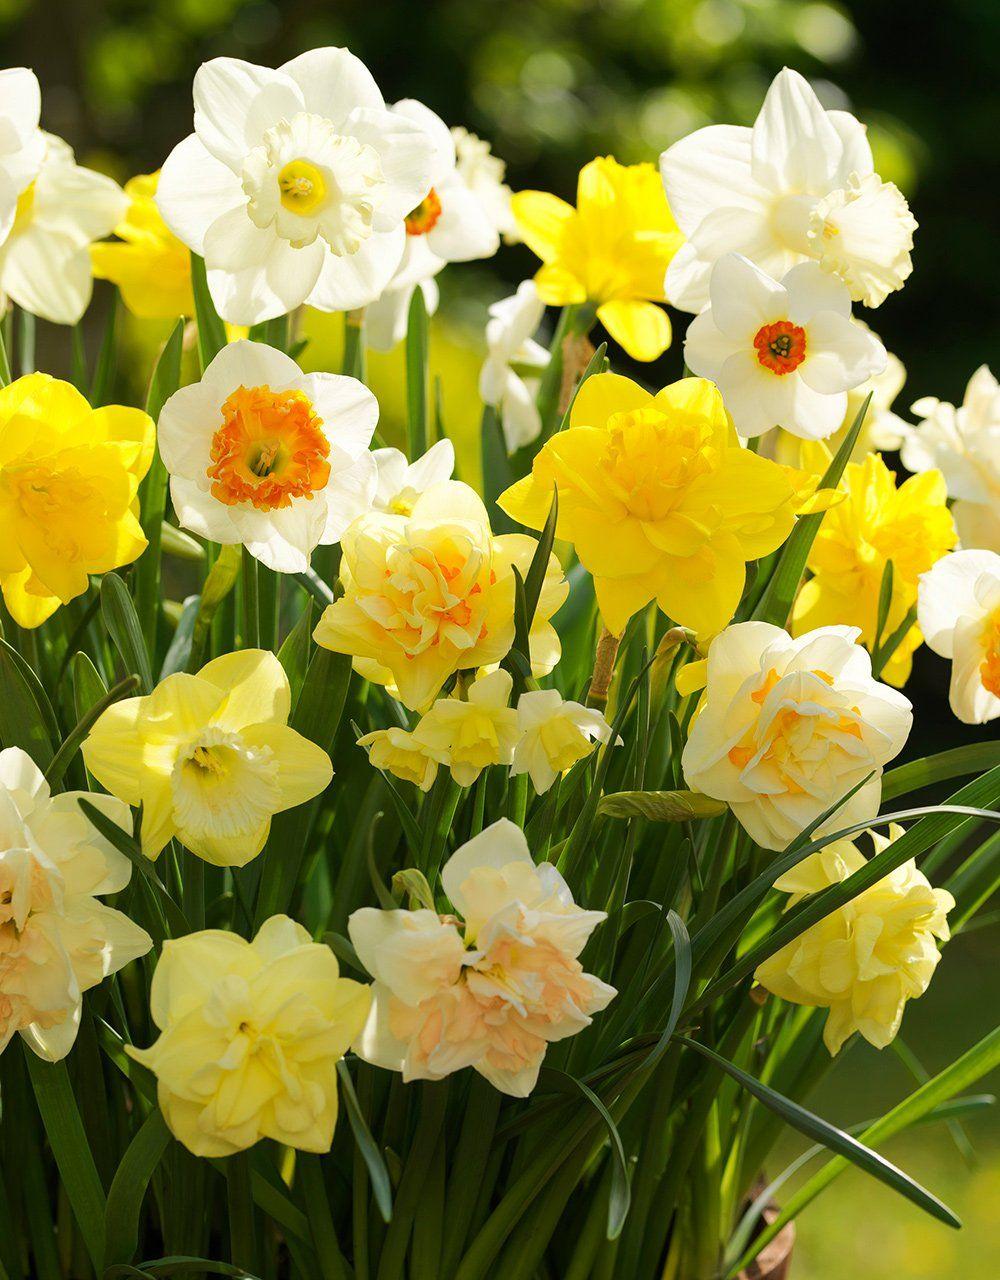 Mixed Daffodils 30 Bulbs In 2020 Daffodil Bulbs Bulb Flowers Daffodils